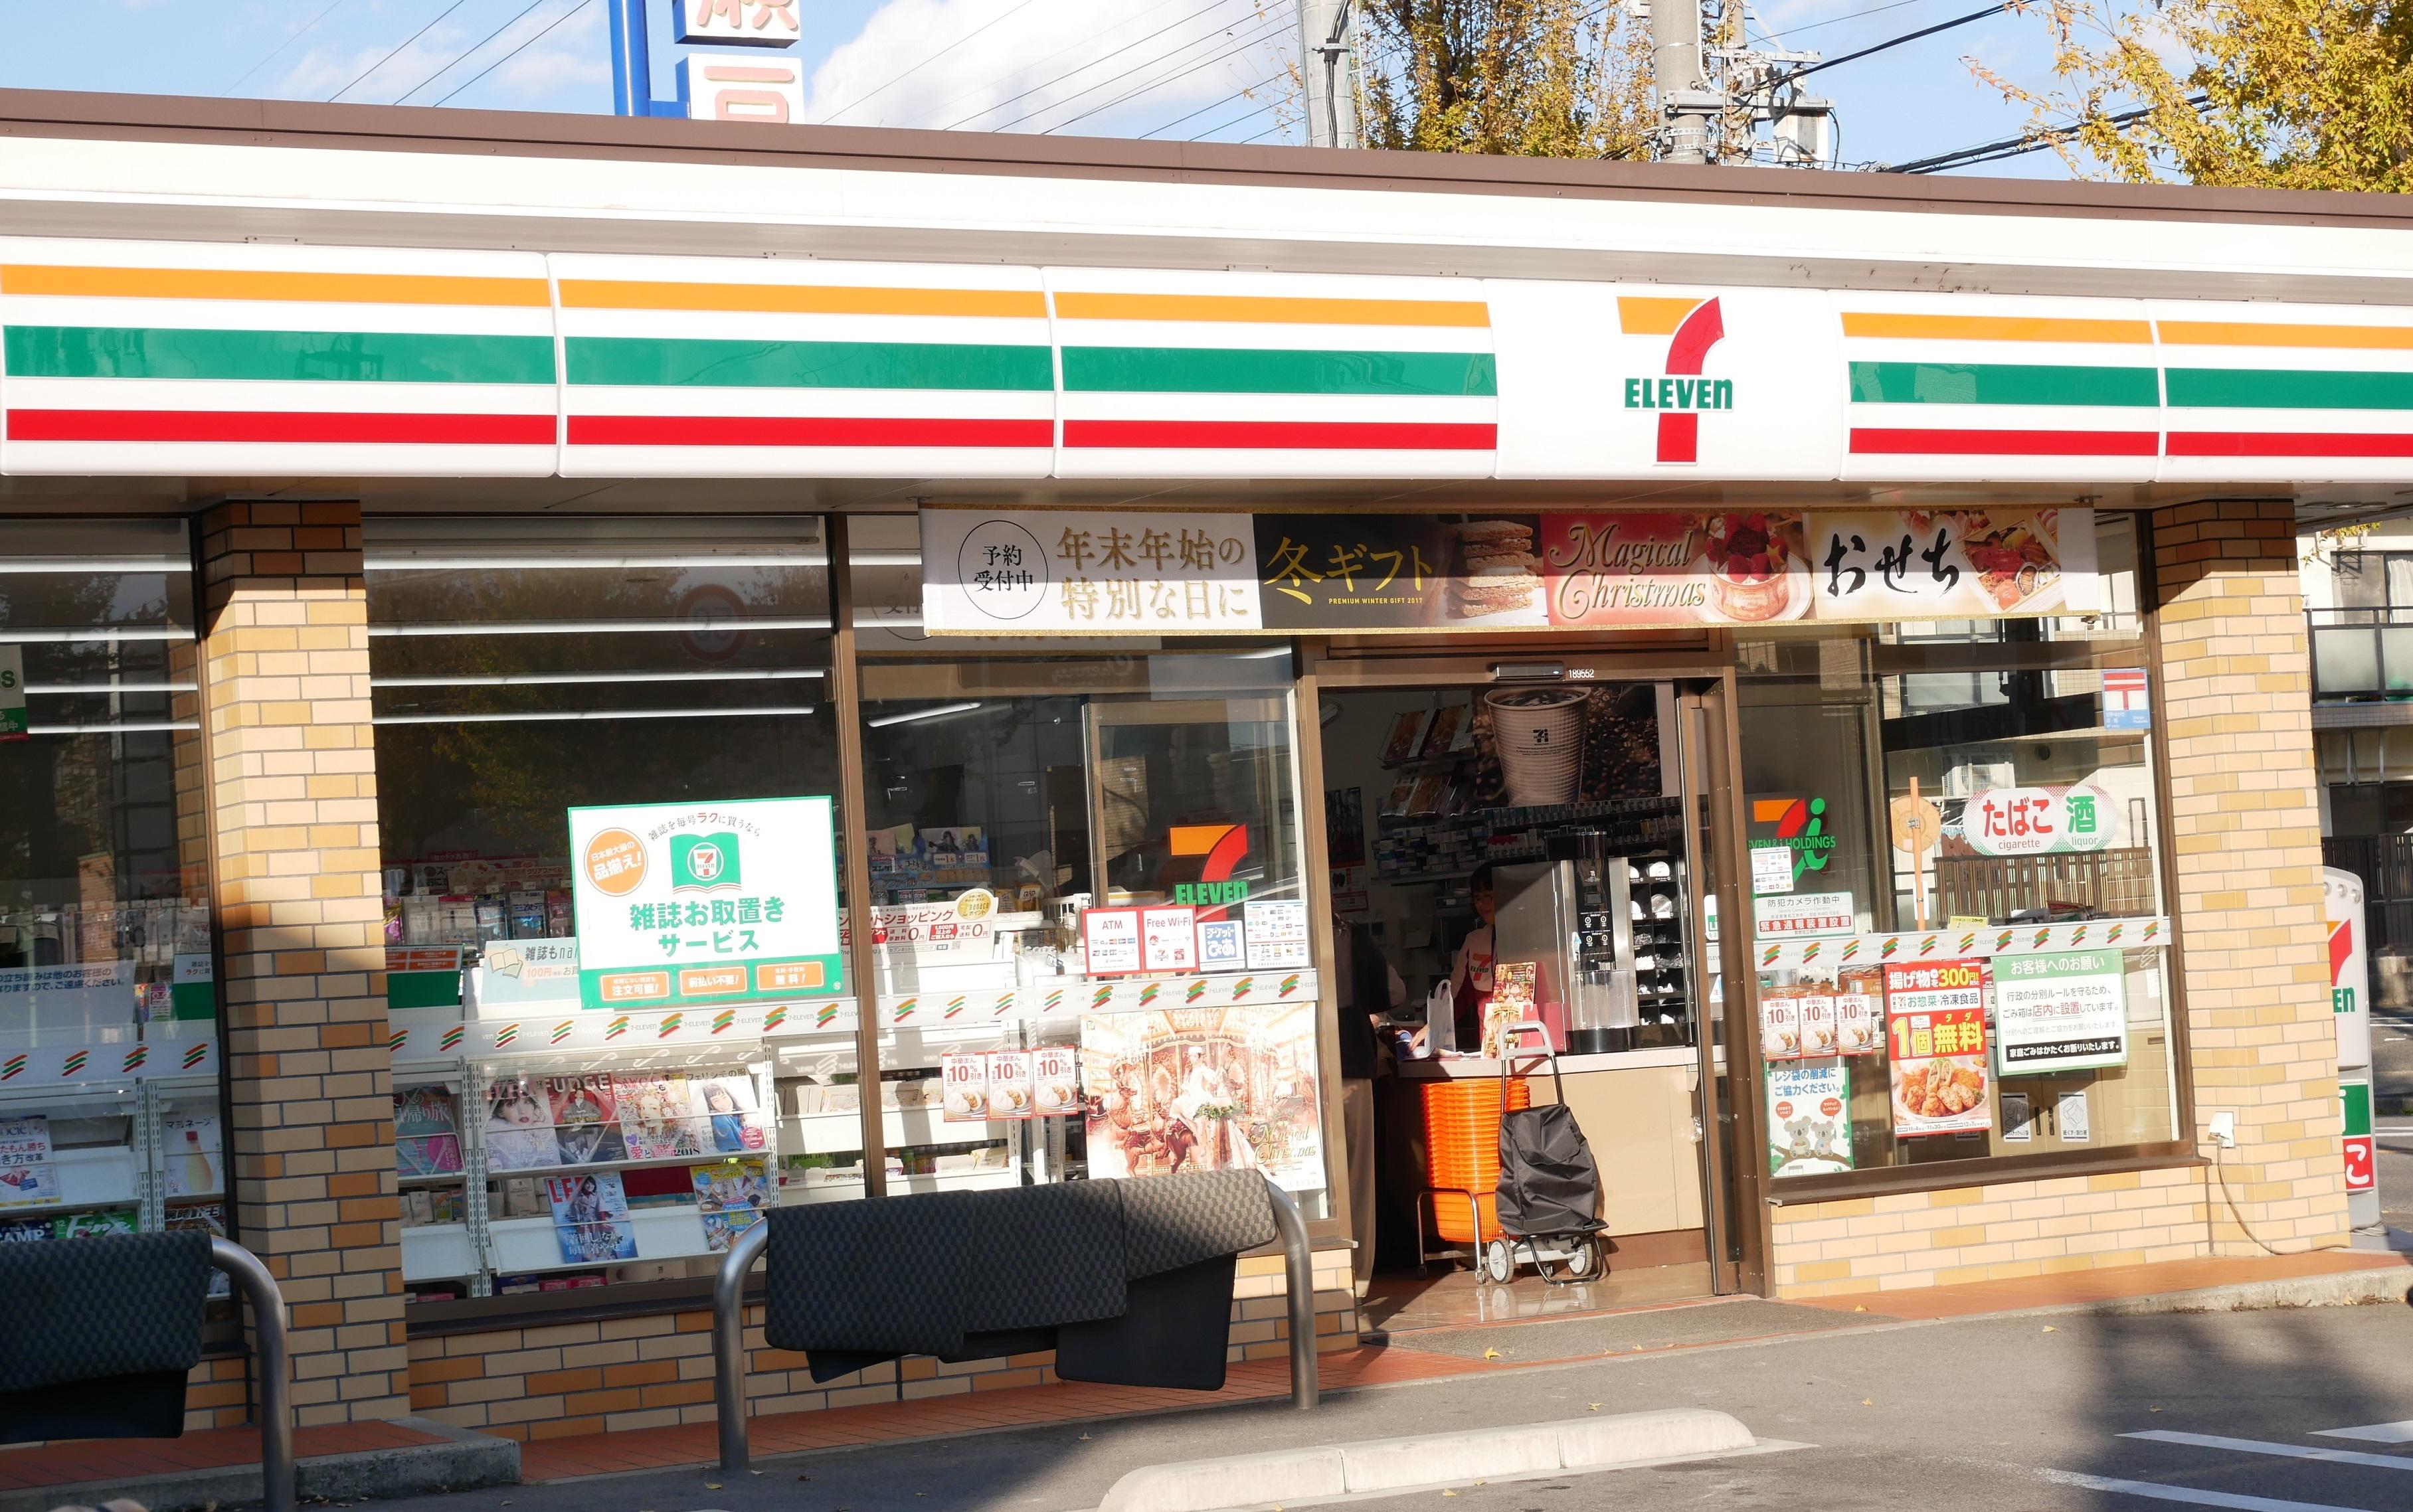 セブンイレブン名古屋弥生町店